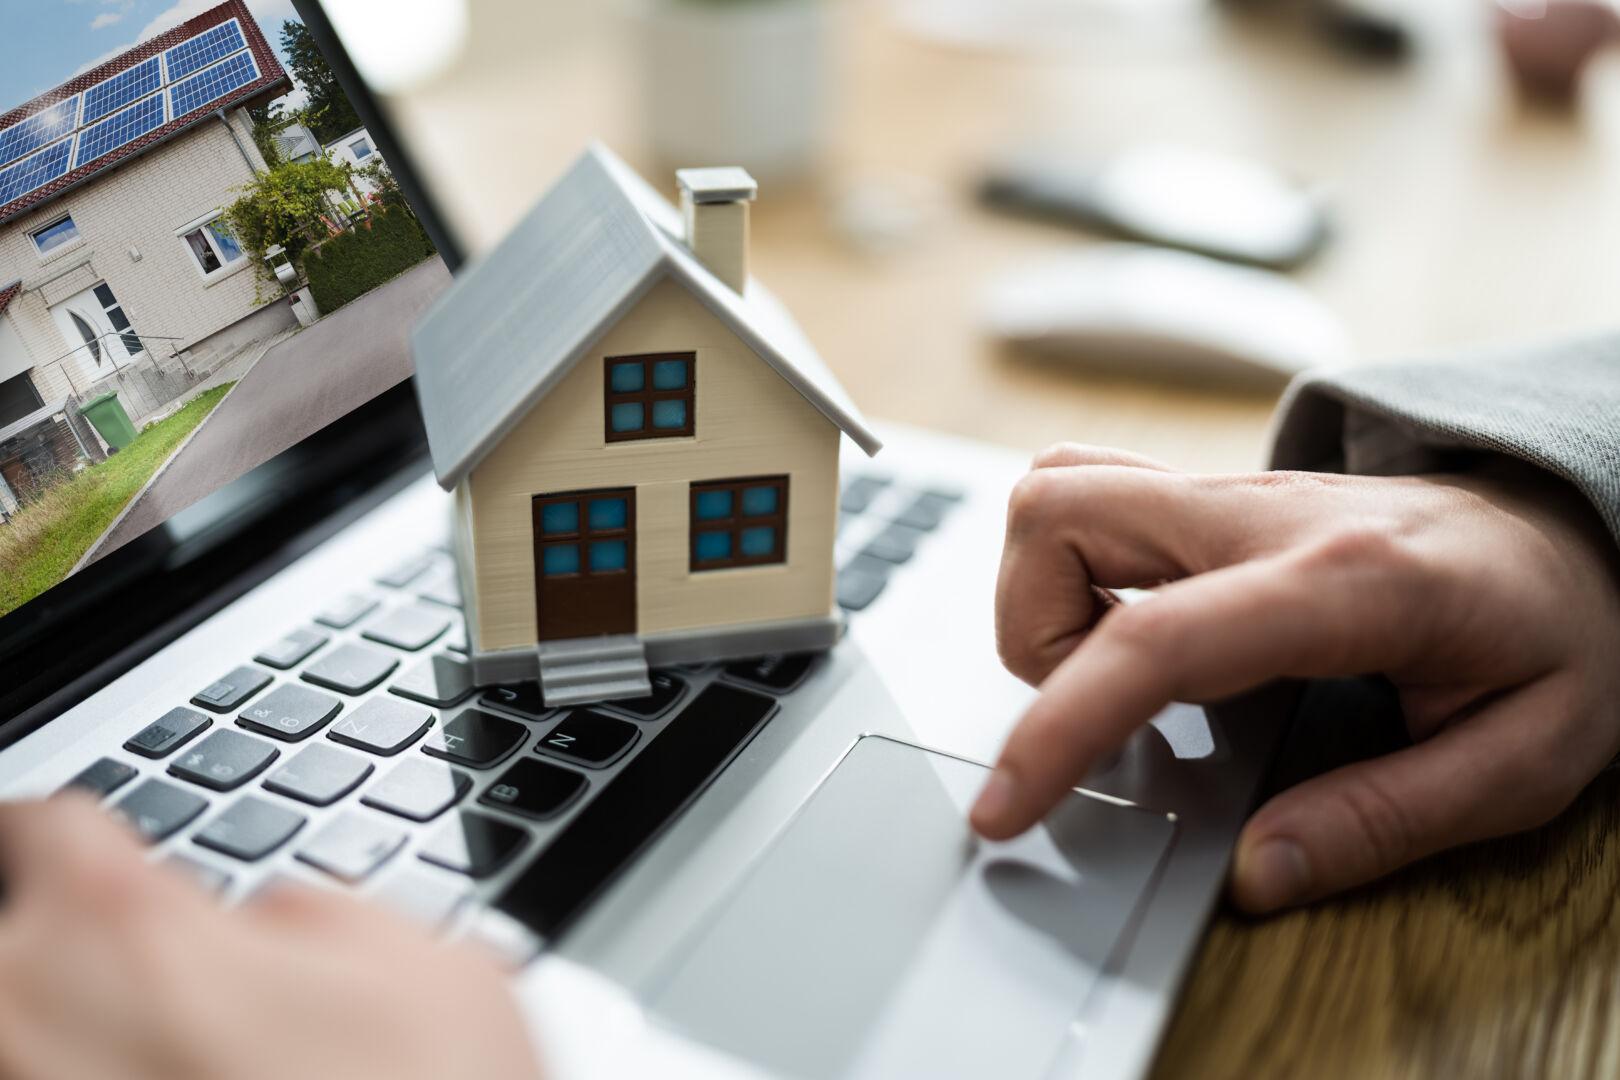 Bilan d'une année Covid : une attractivité record pour l'immobilier